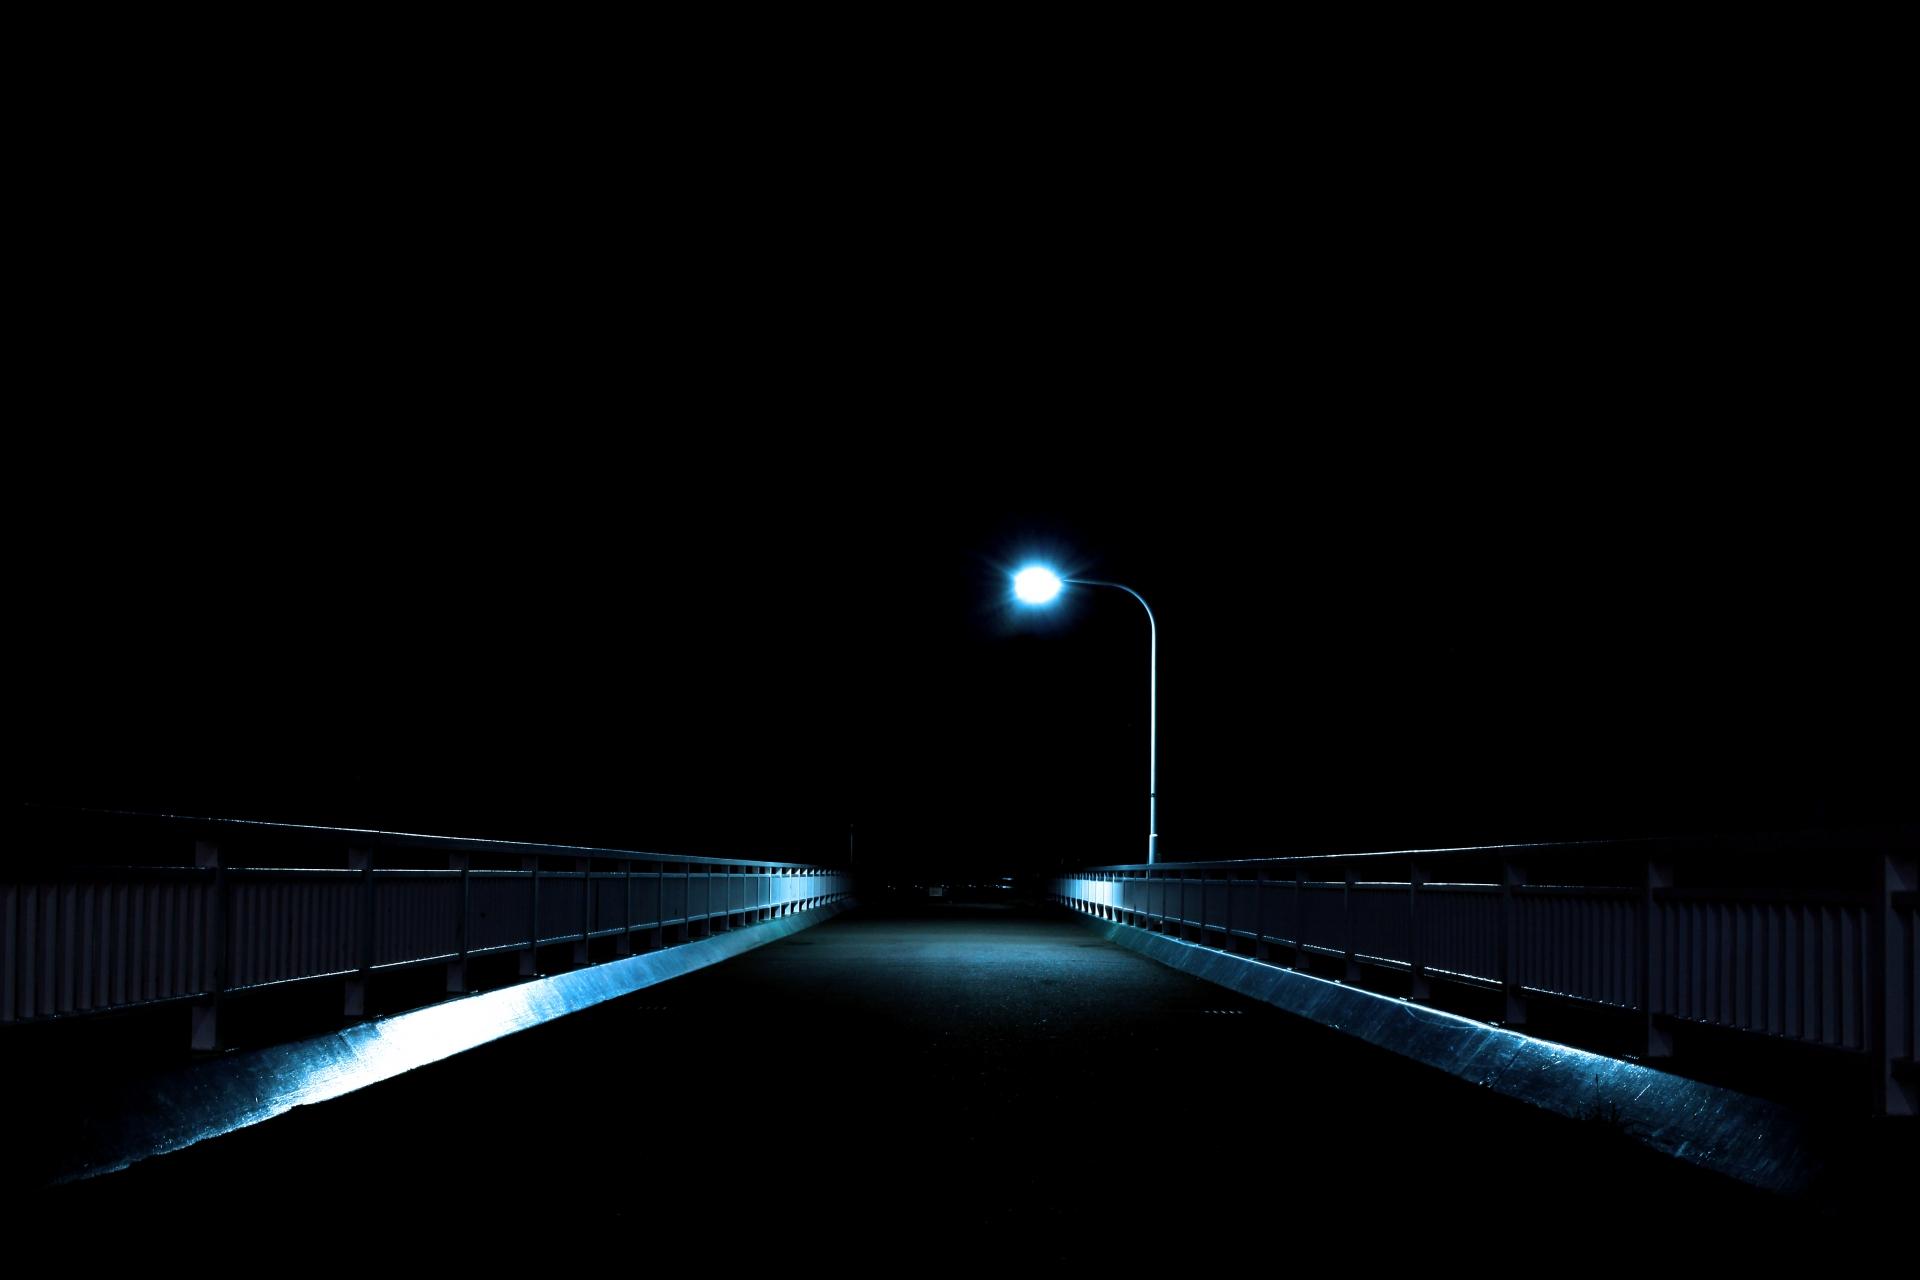 ライトに照らされる橋